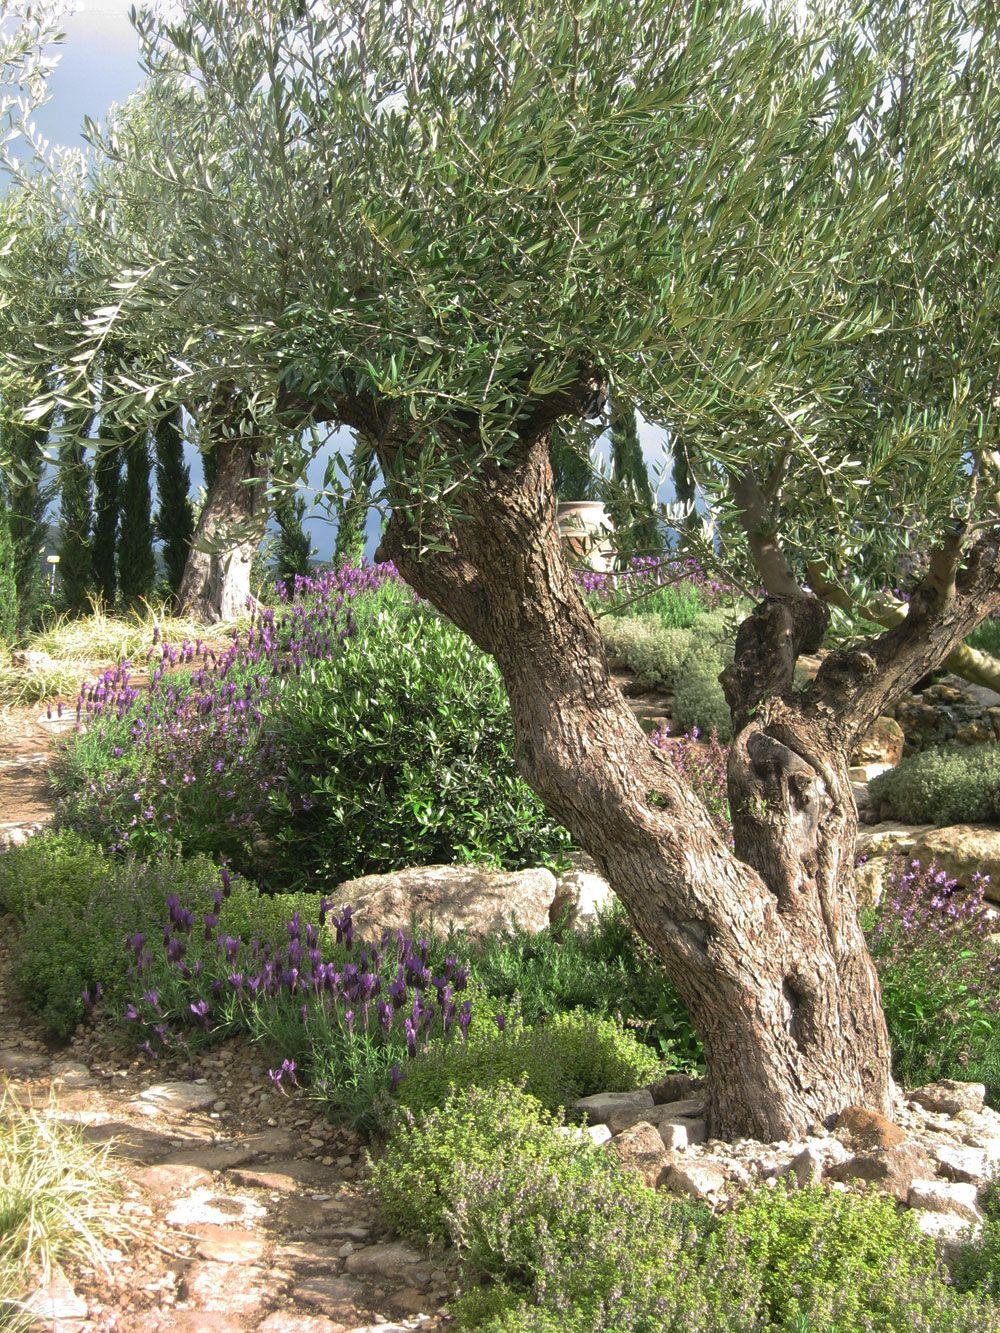 Pin Von Kim Sdt Auf Bh Ko Mediterraner Garten Garten Landschaftsbau Garten